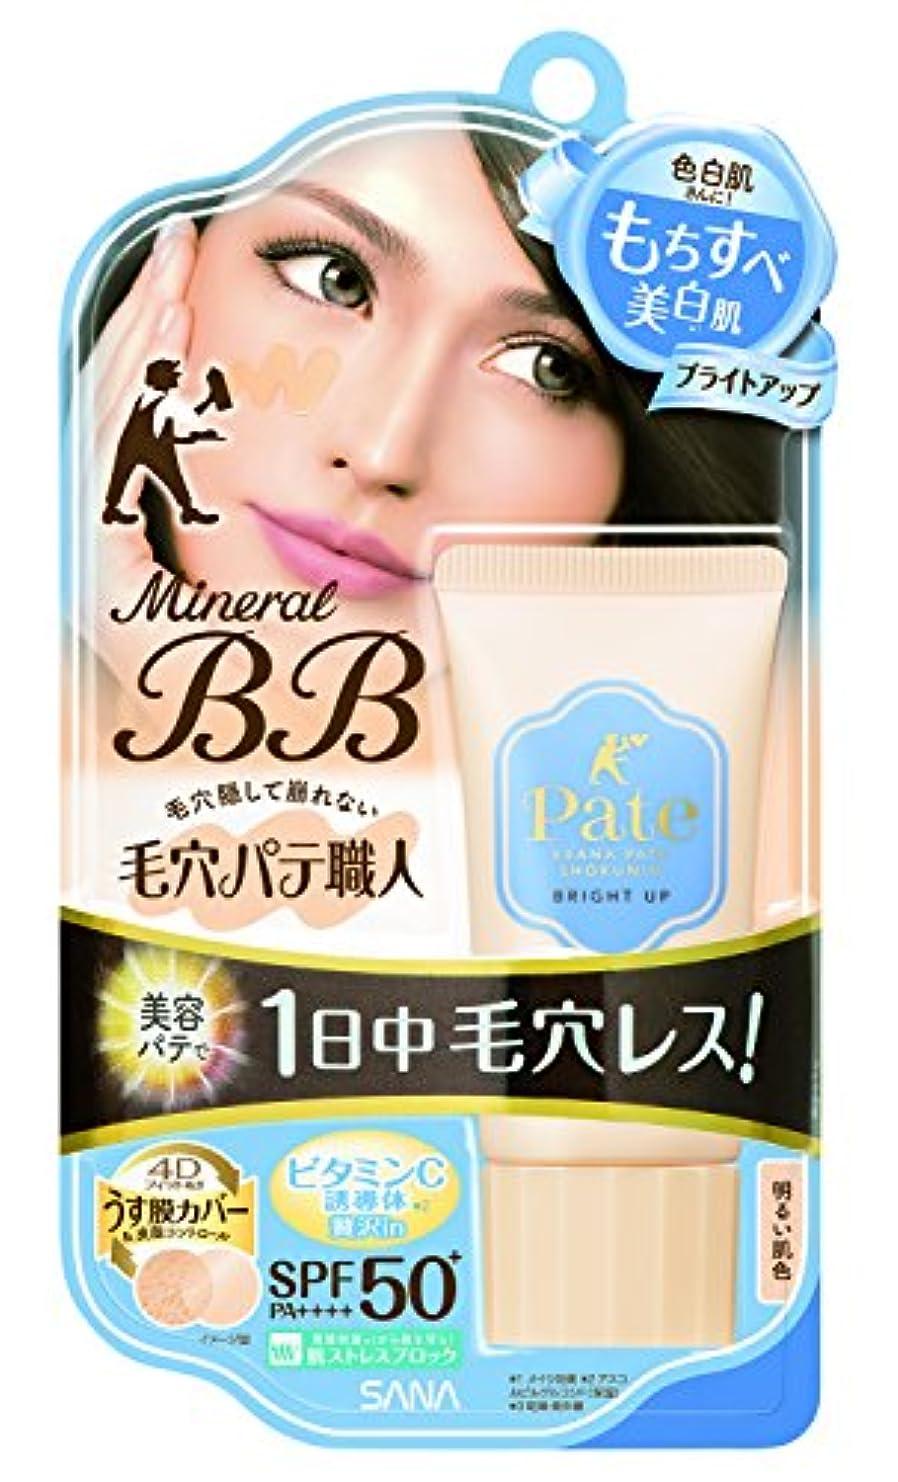 擬人高度中庭毛穴パテ職人 ミネラルBBクリーム ブライトアップ 明るい肌色 30g